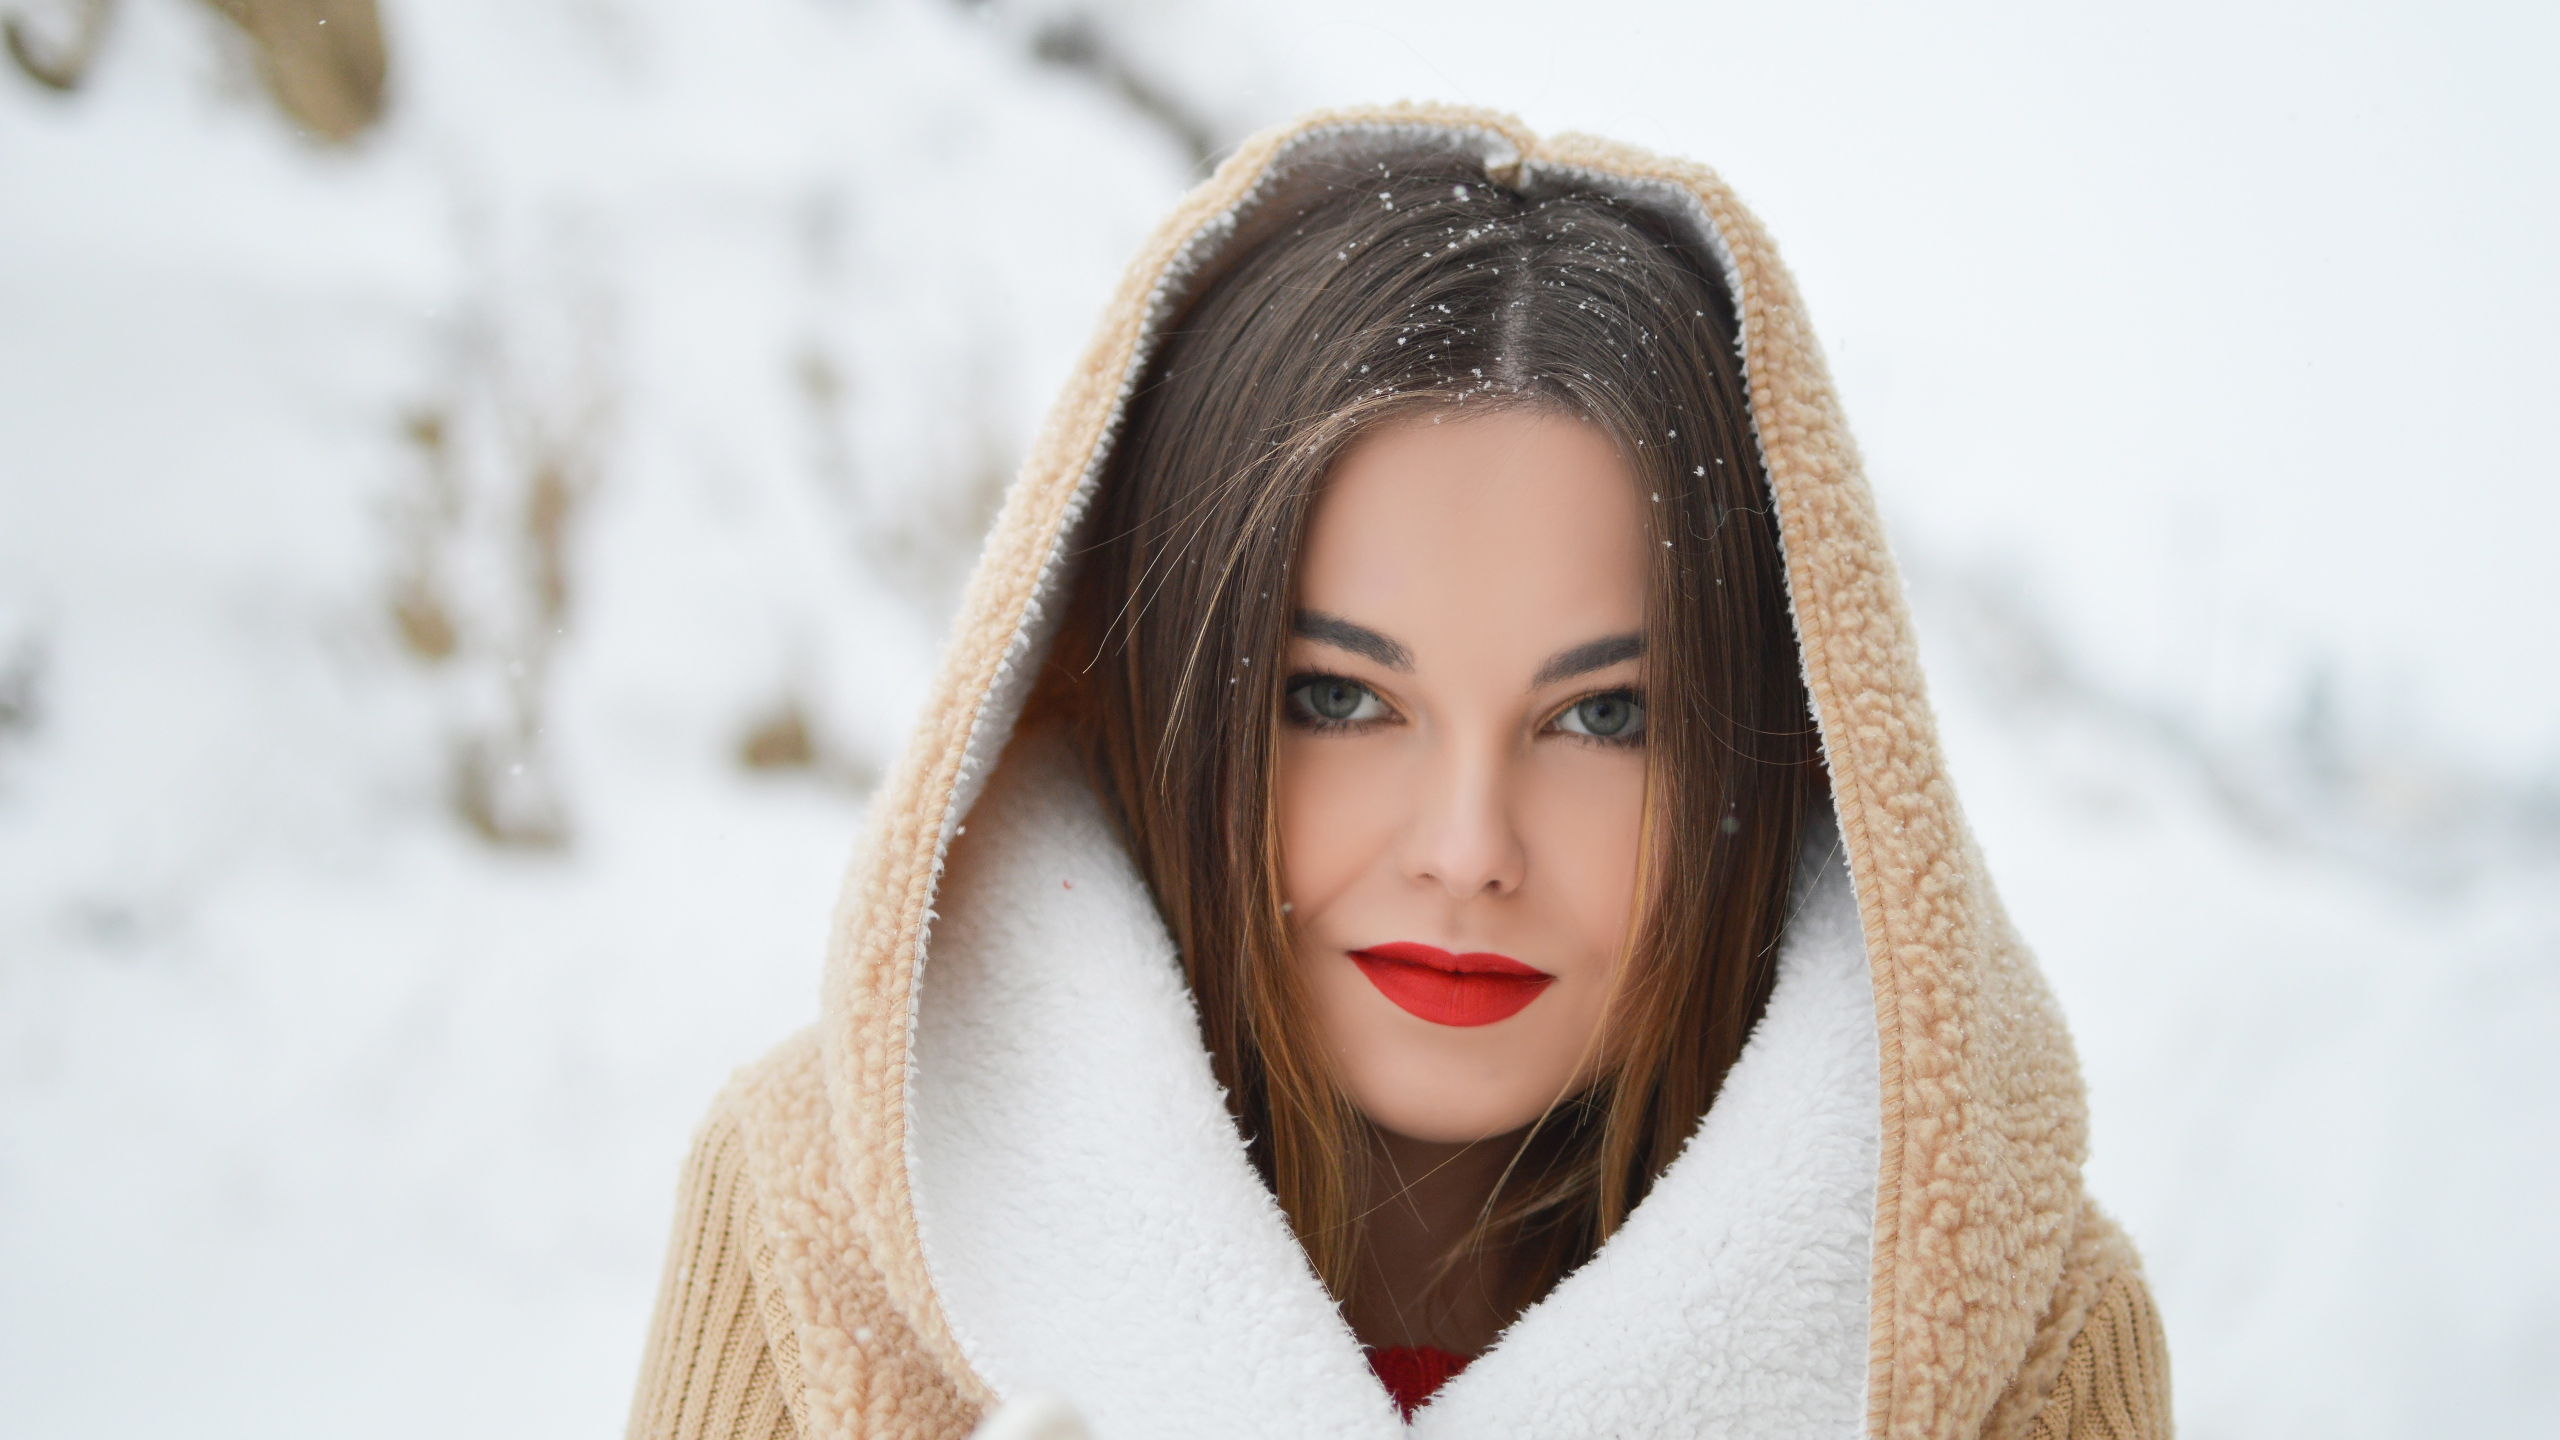 Макияж для фотосессии зимой